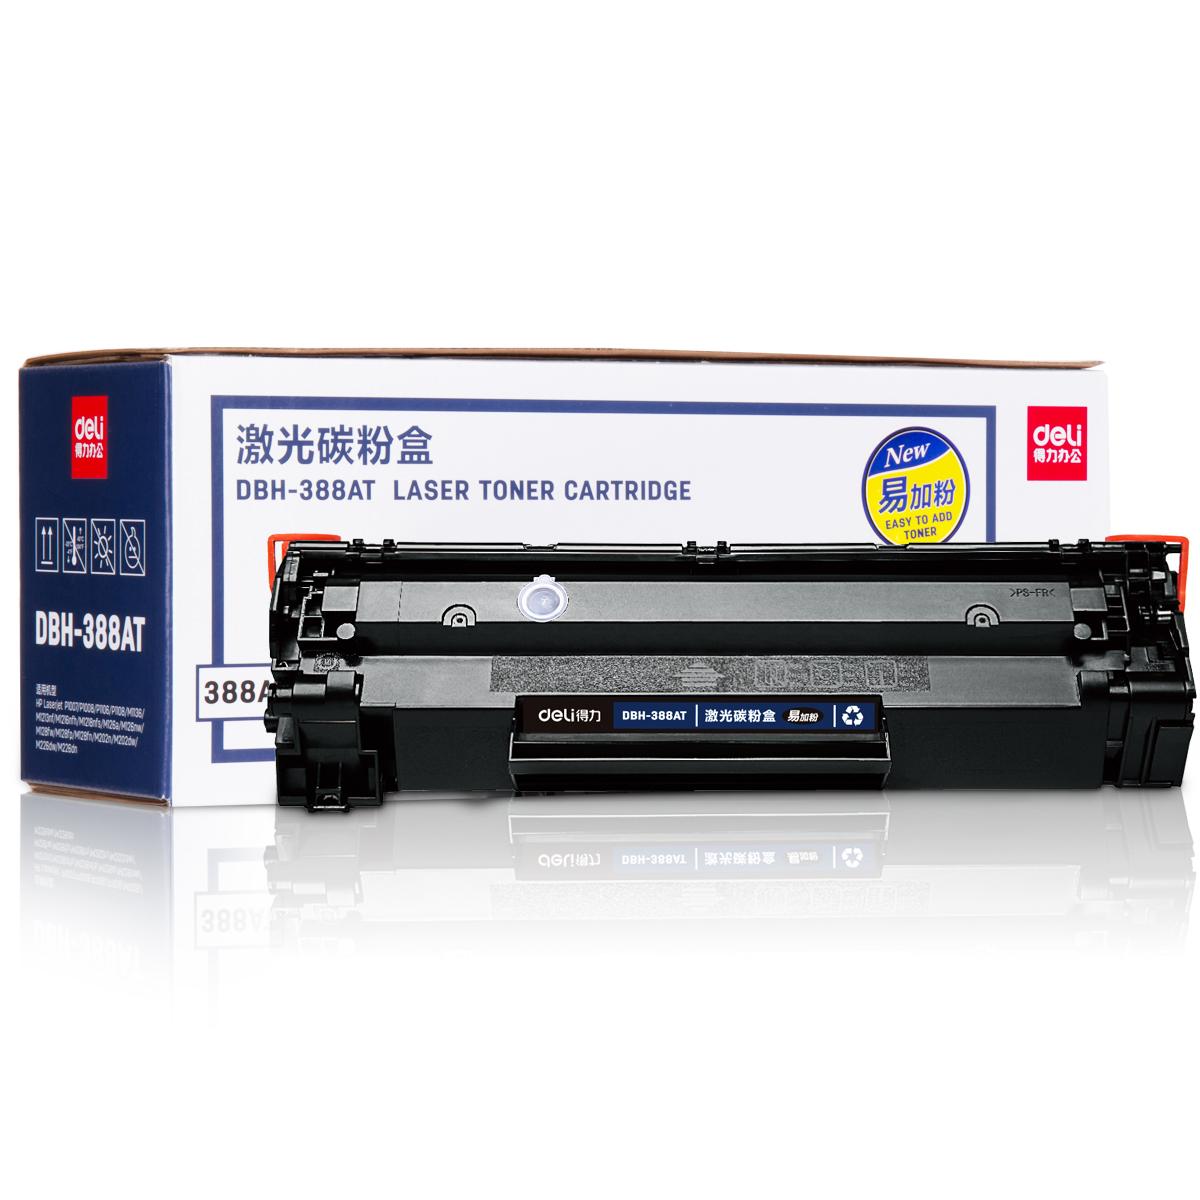 得力DBH-388AT激光打印机碳粉盒易加粉硒鼓适用打印机p1007/1008